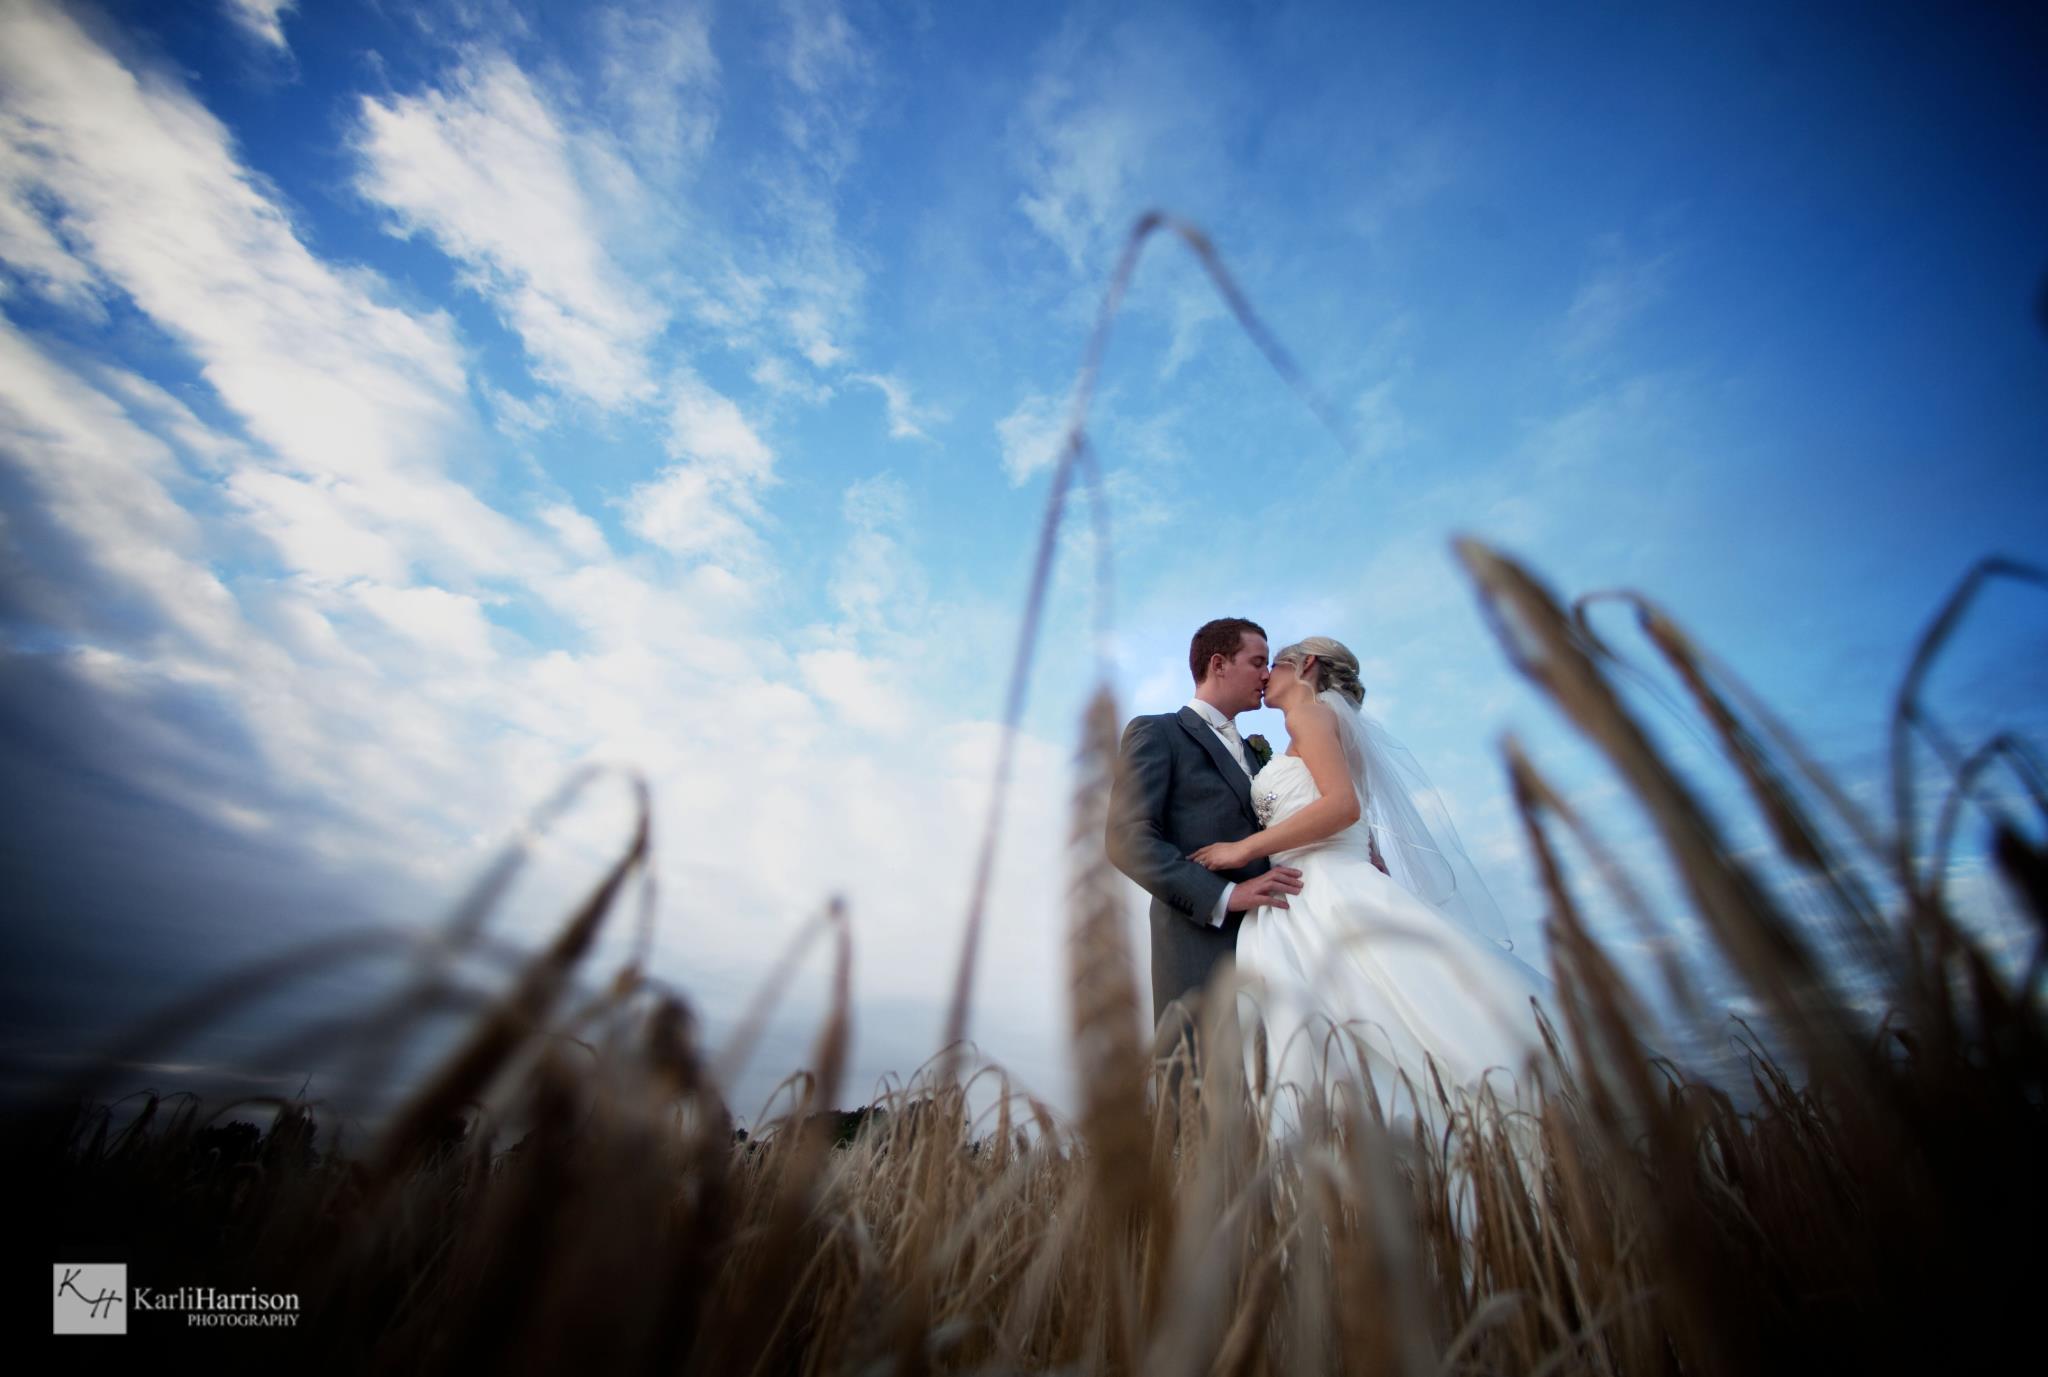 West Tower Wedding Photography Lancashire Wedding